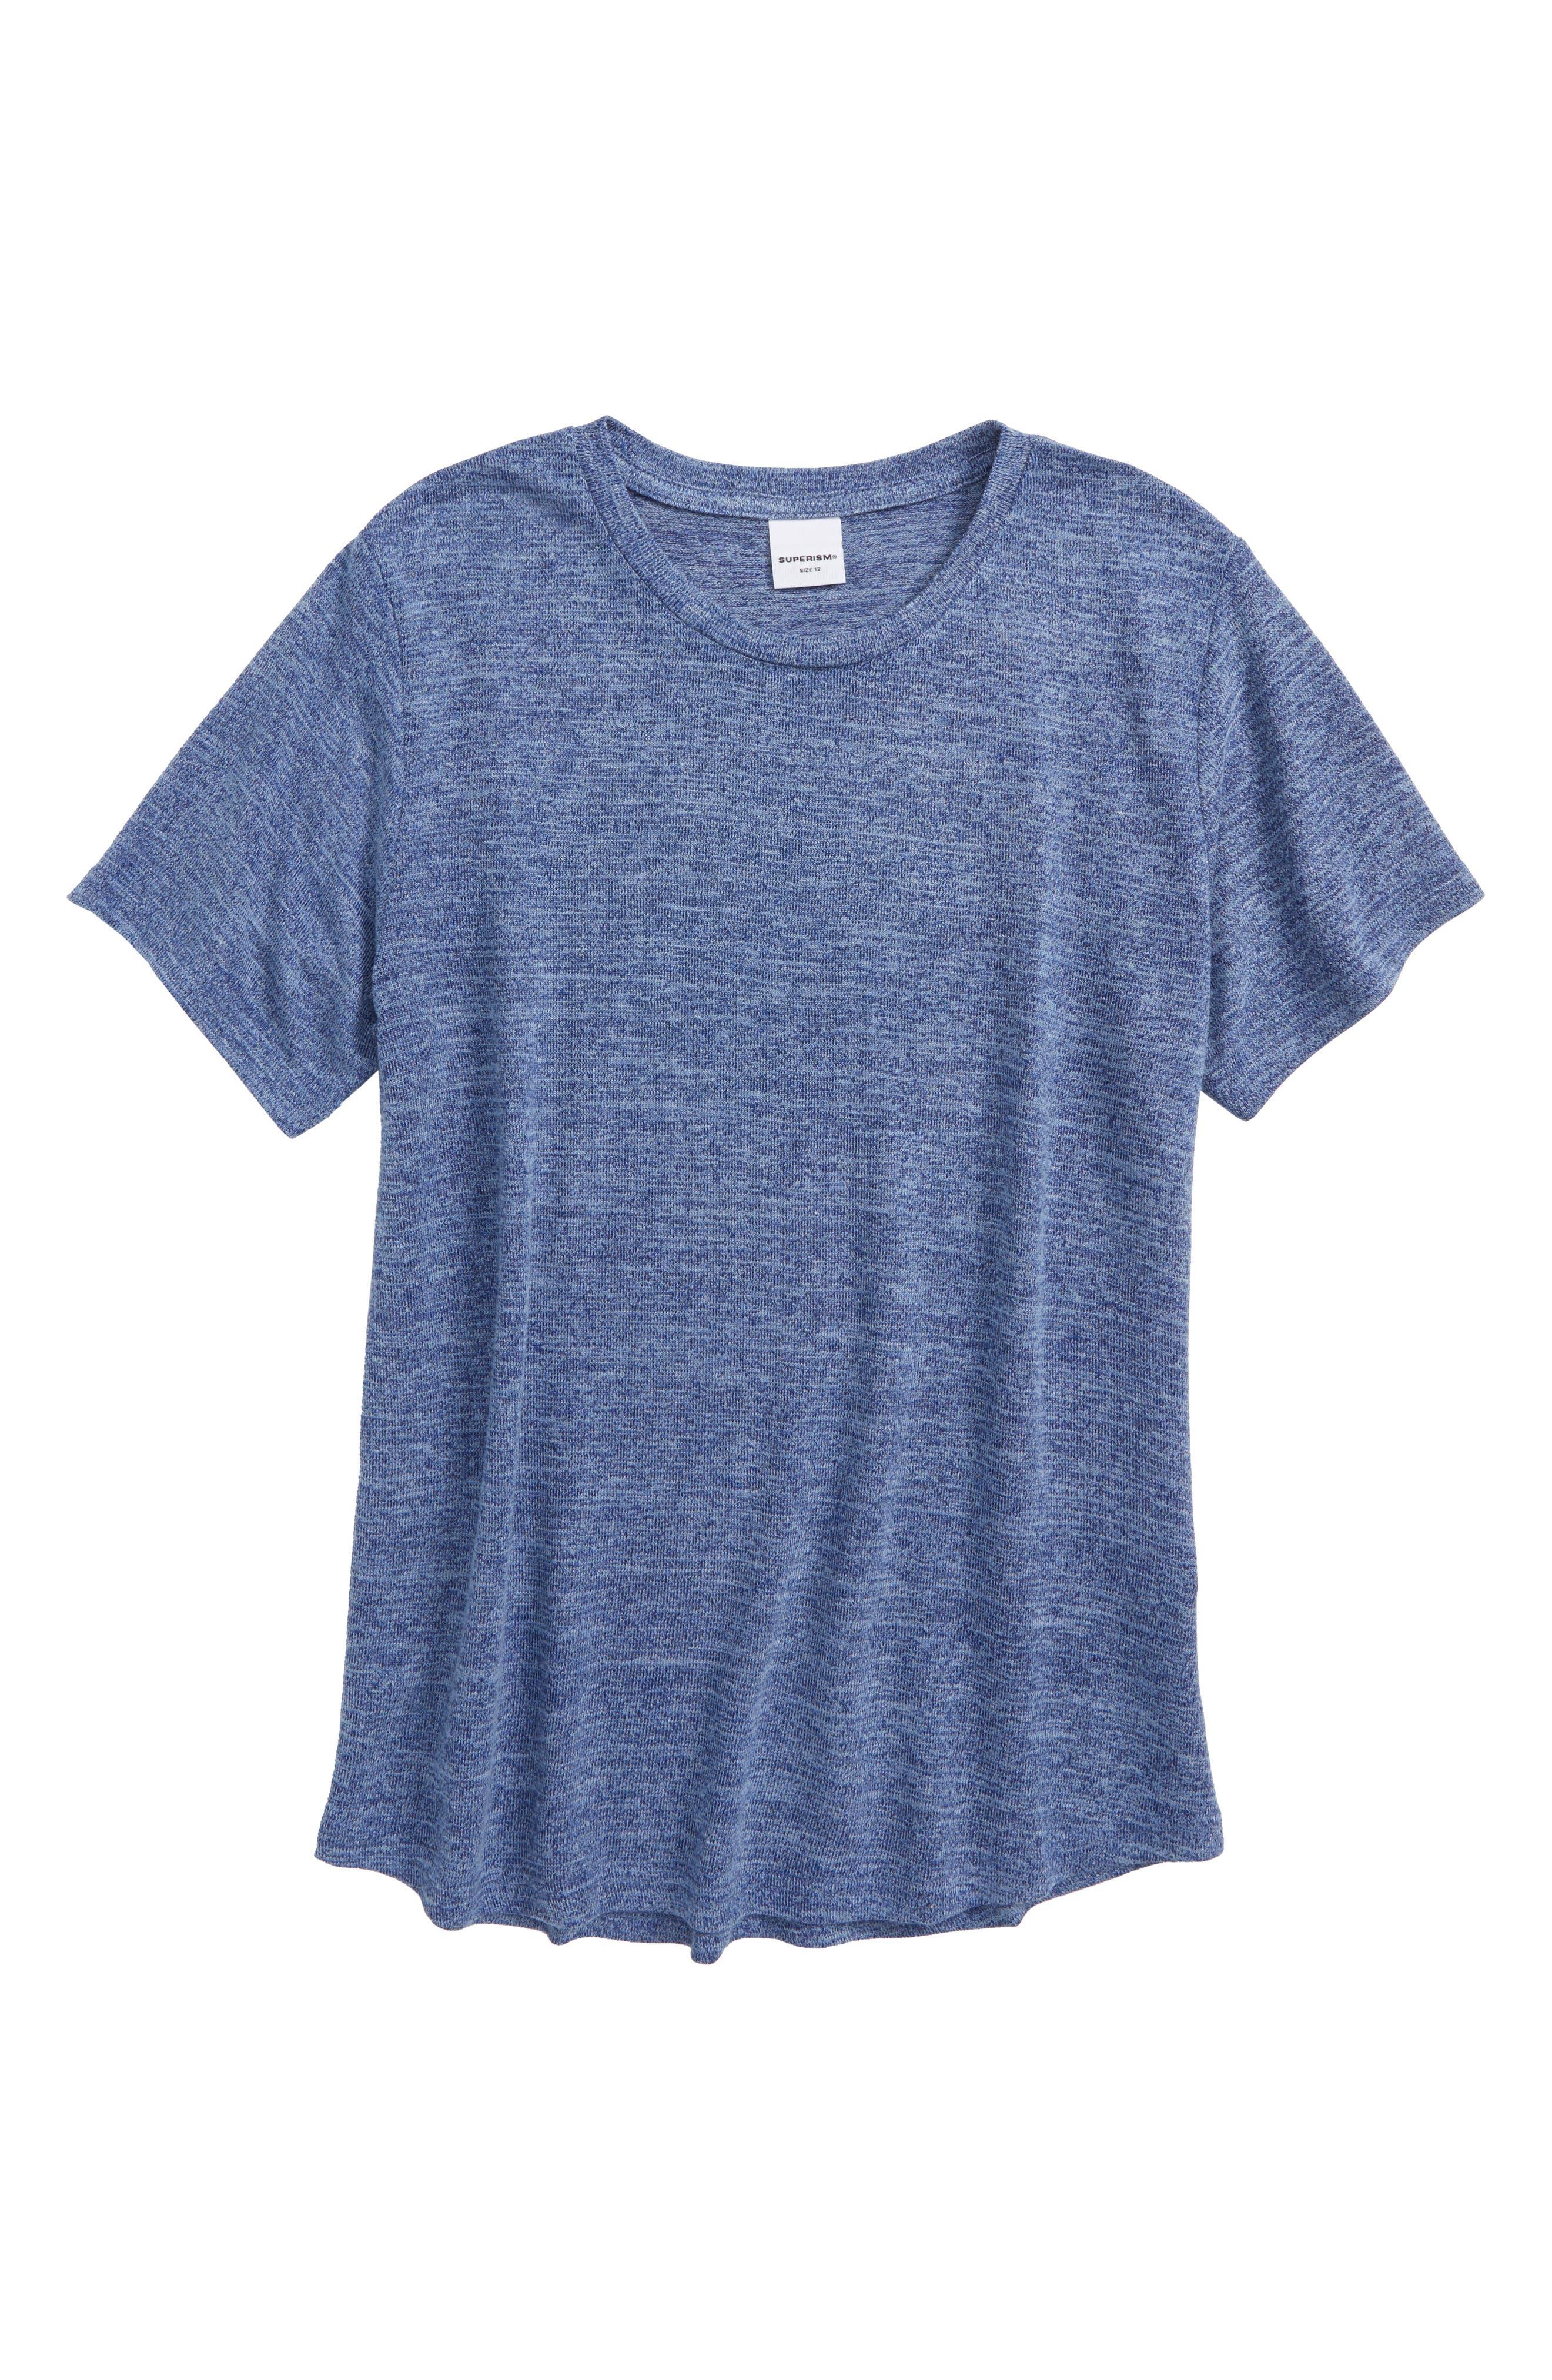 Landon Knit Shirt,                         Main,                         color, 400